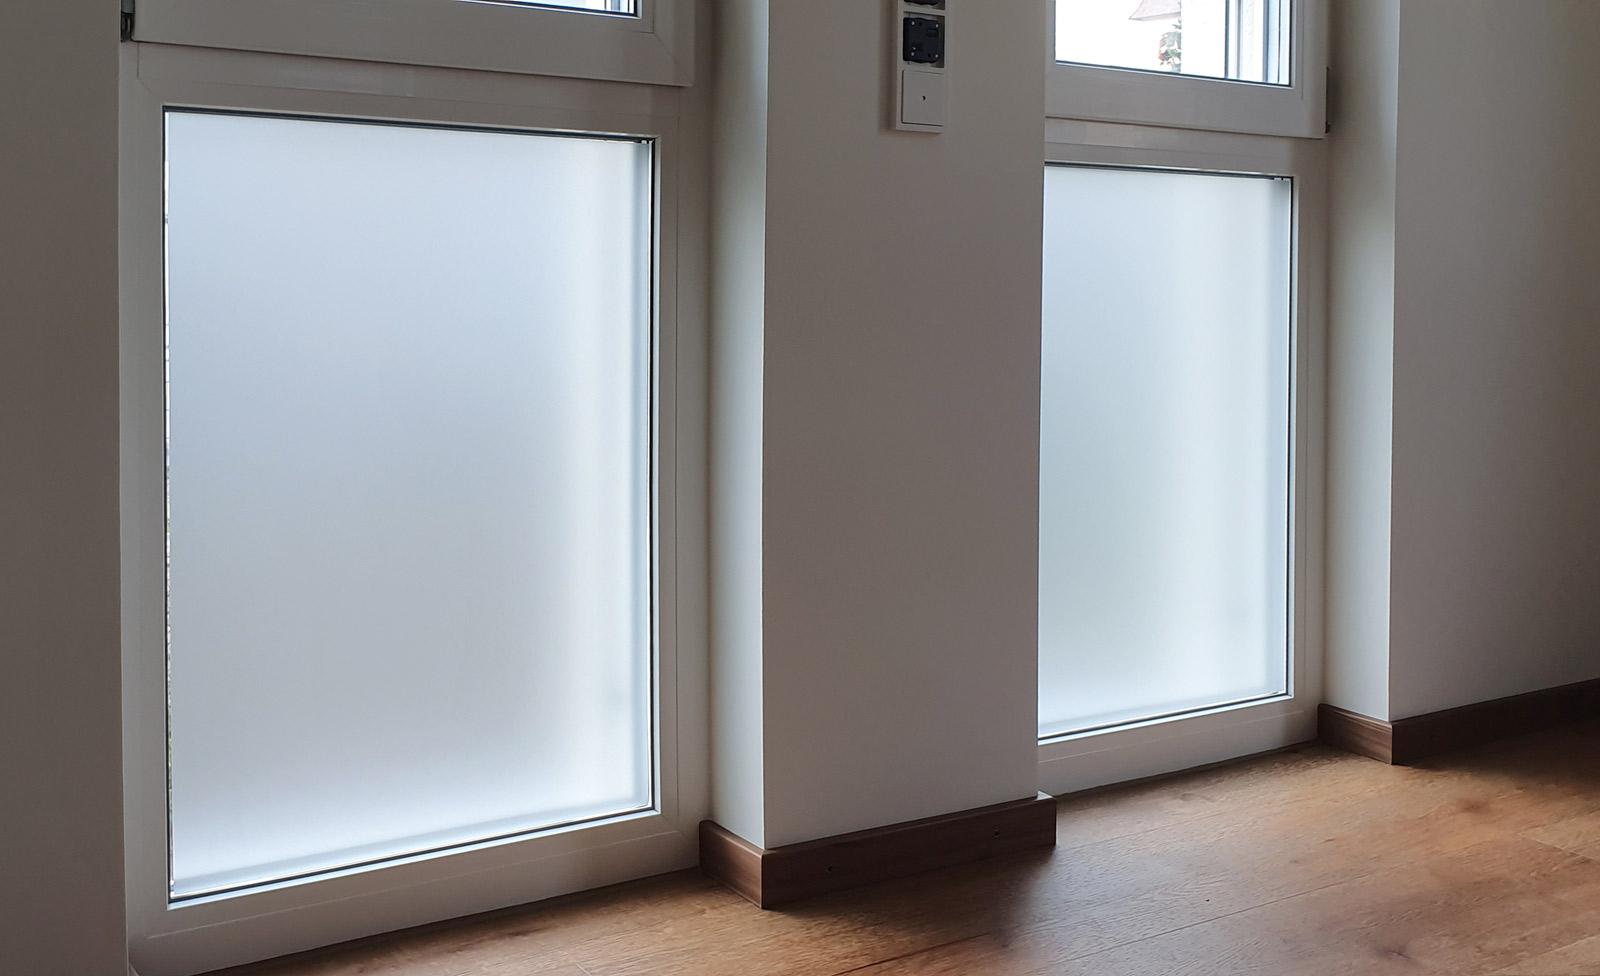 Zwei Fenster mit einer vollflächigen Sichtschutzfolierung aus Milchglasfolie